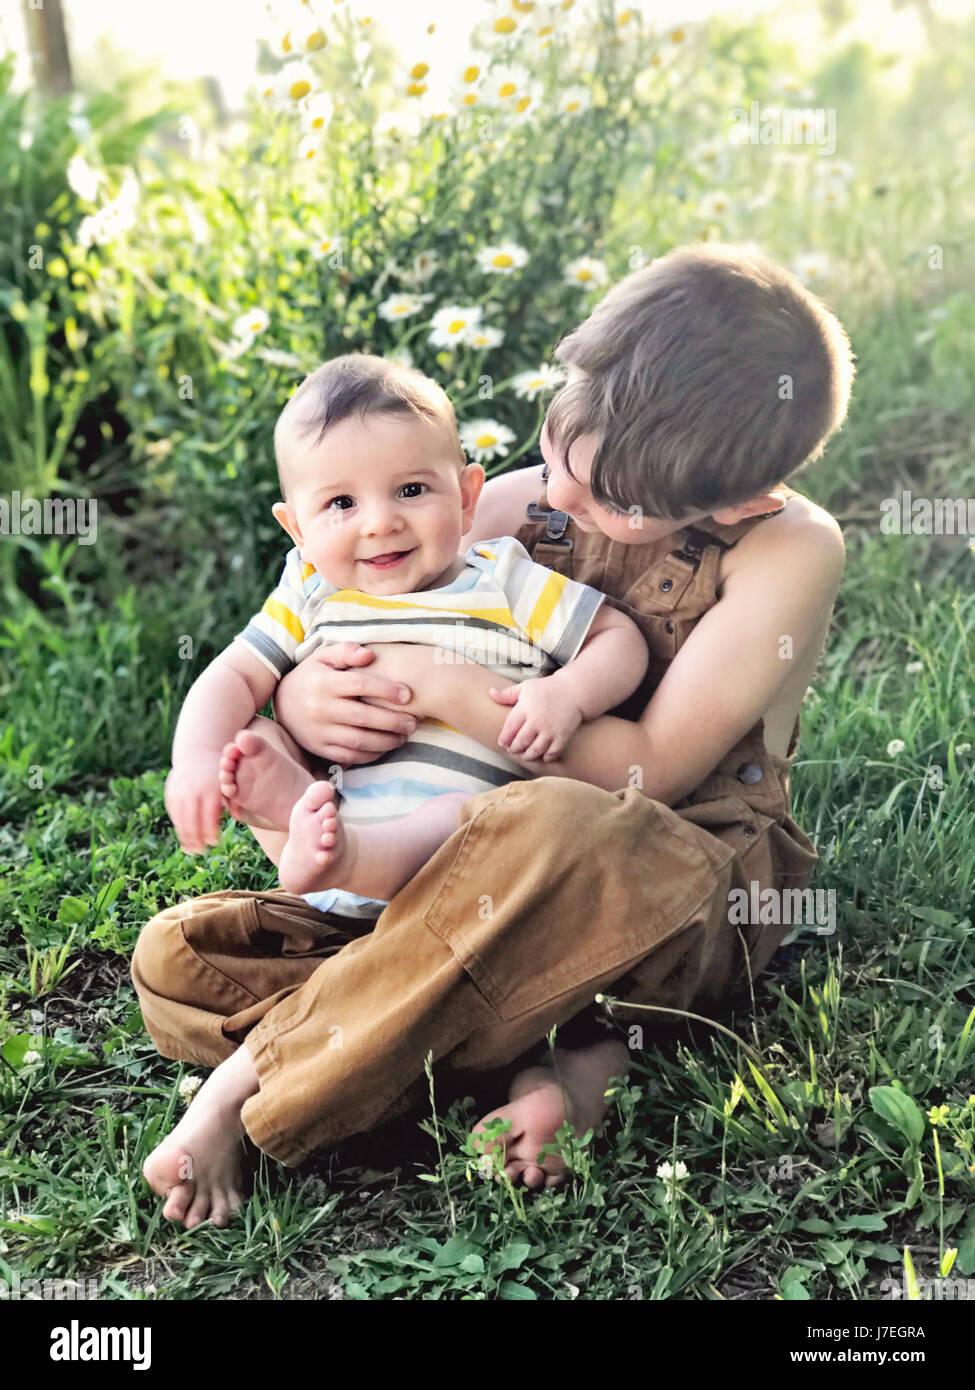 child holding baby - Stock Image